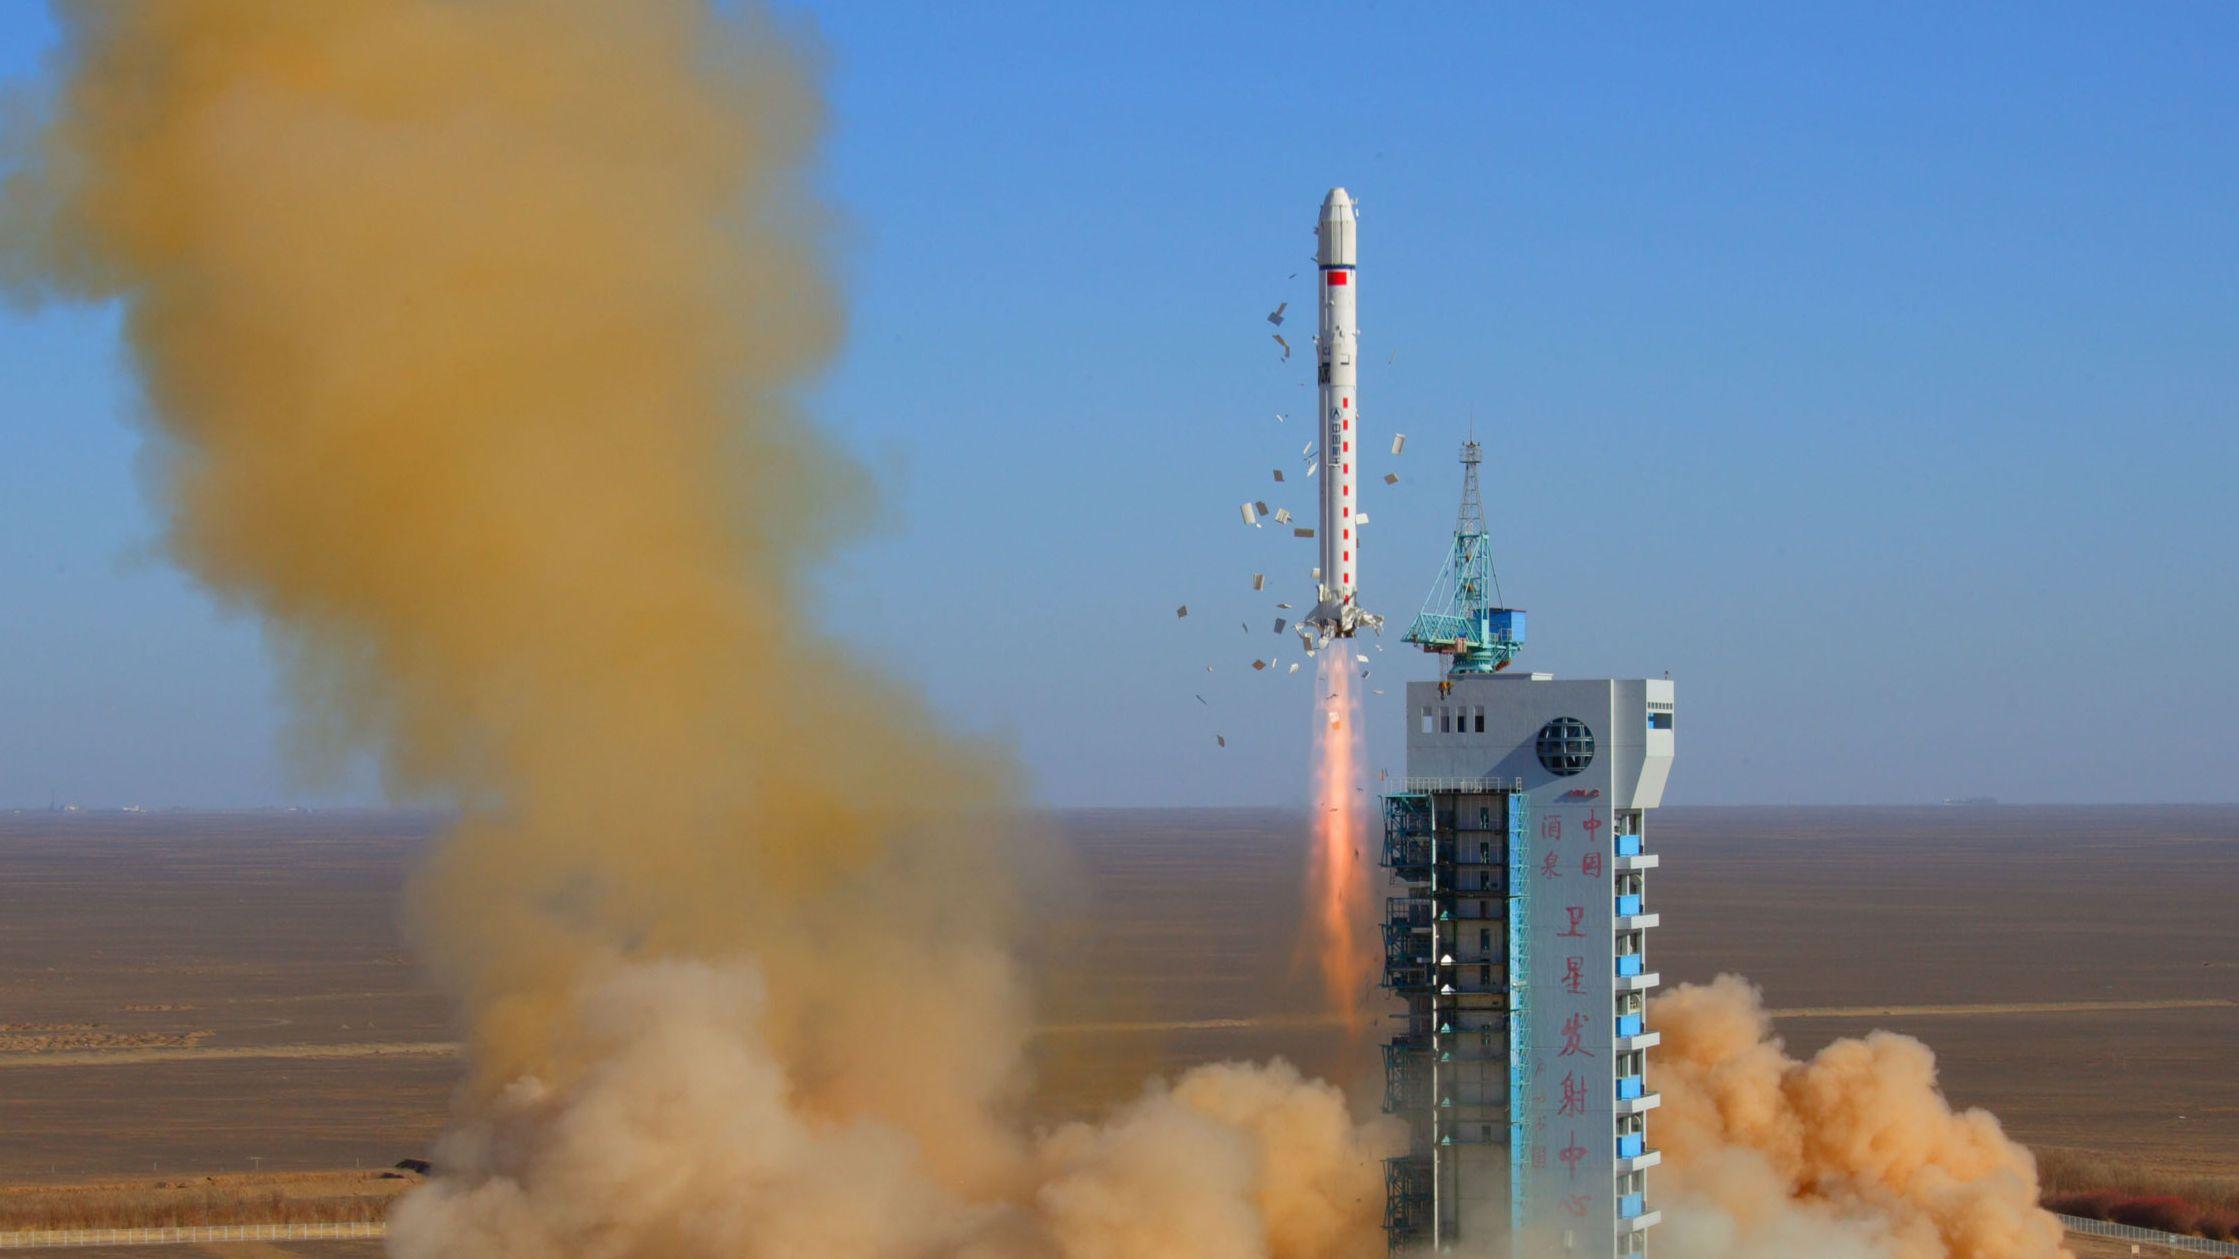 打ち上げ成功世界一 宇宙開発の主役に躍り出た 中国の「実力」